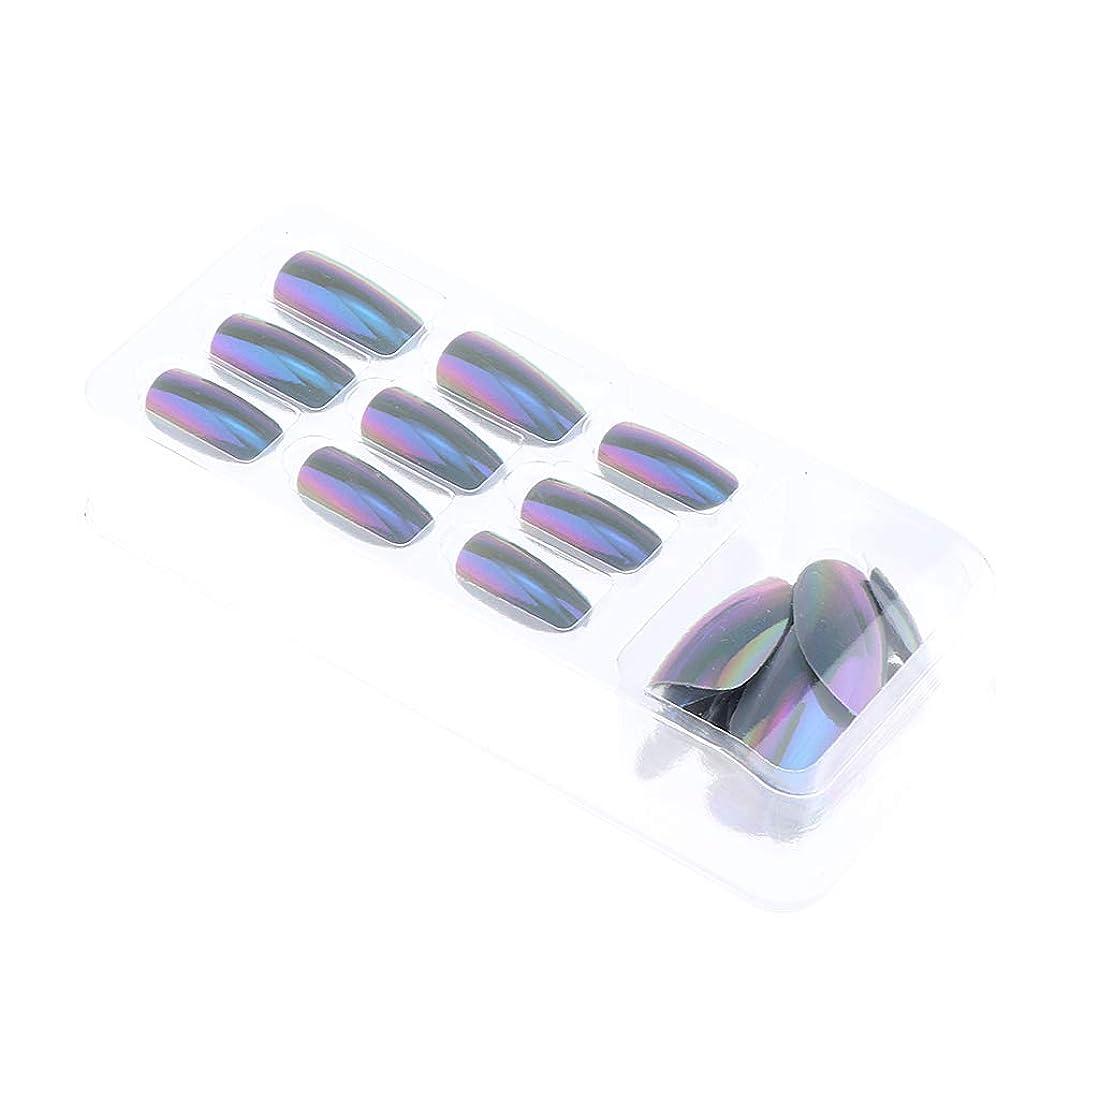 ワードローブ比べる今日B Blesiya 約24個 人工爪 ネイルアート ネイルヒント DIY ネイル道具 6色選べ - 02